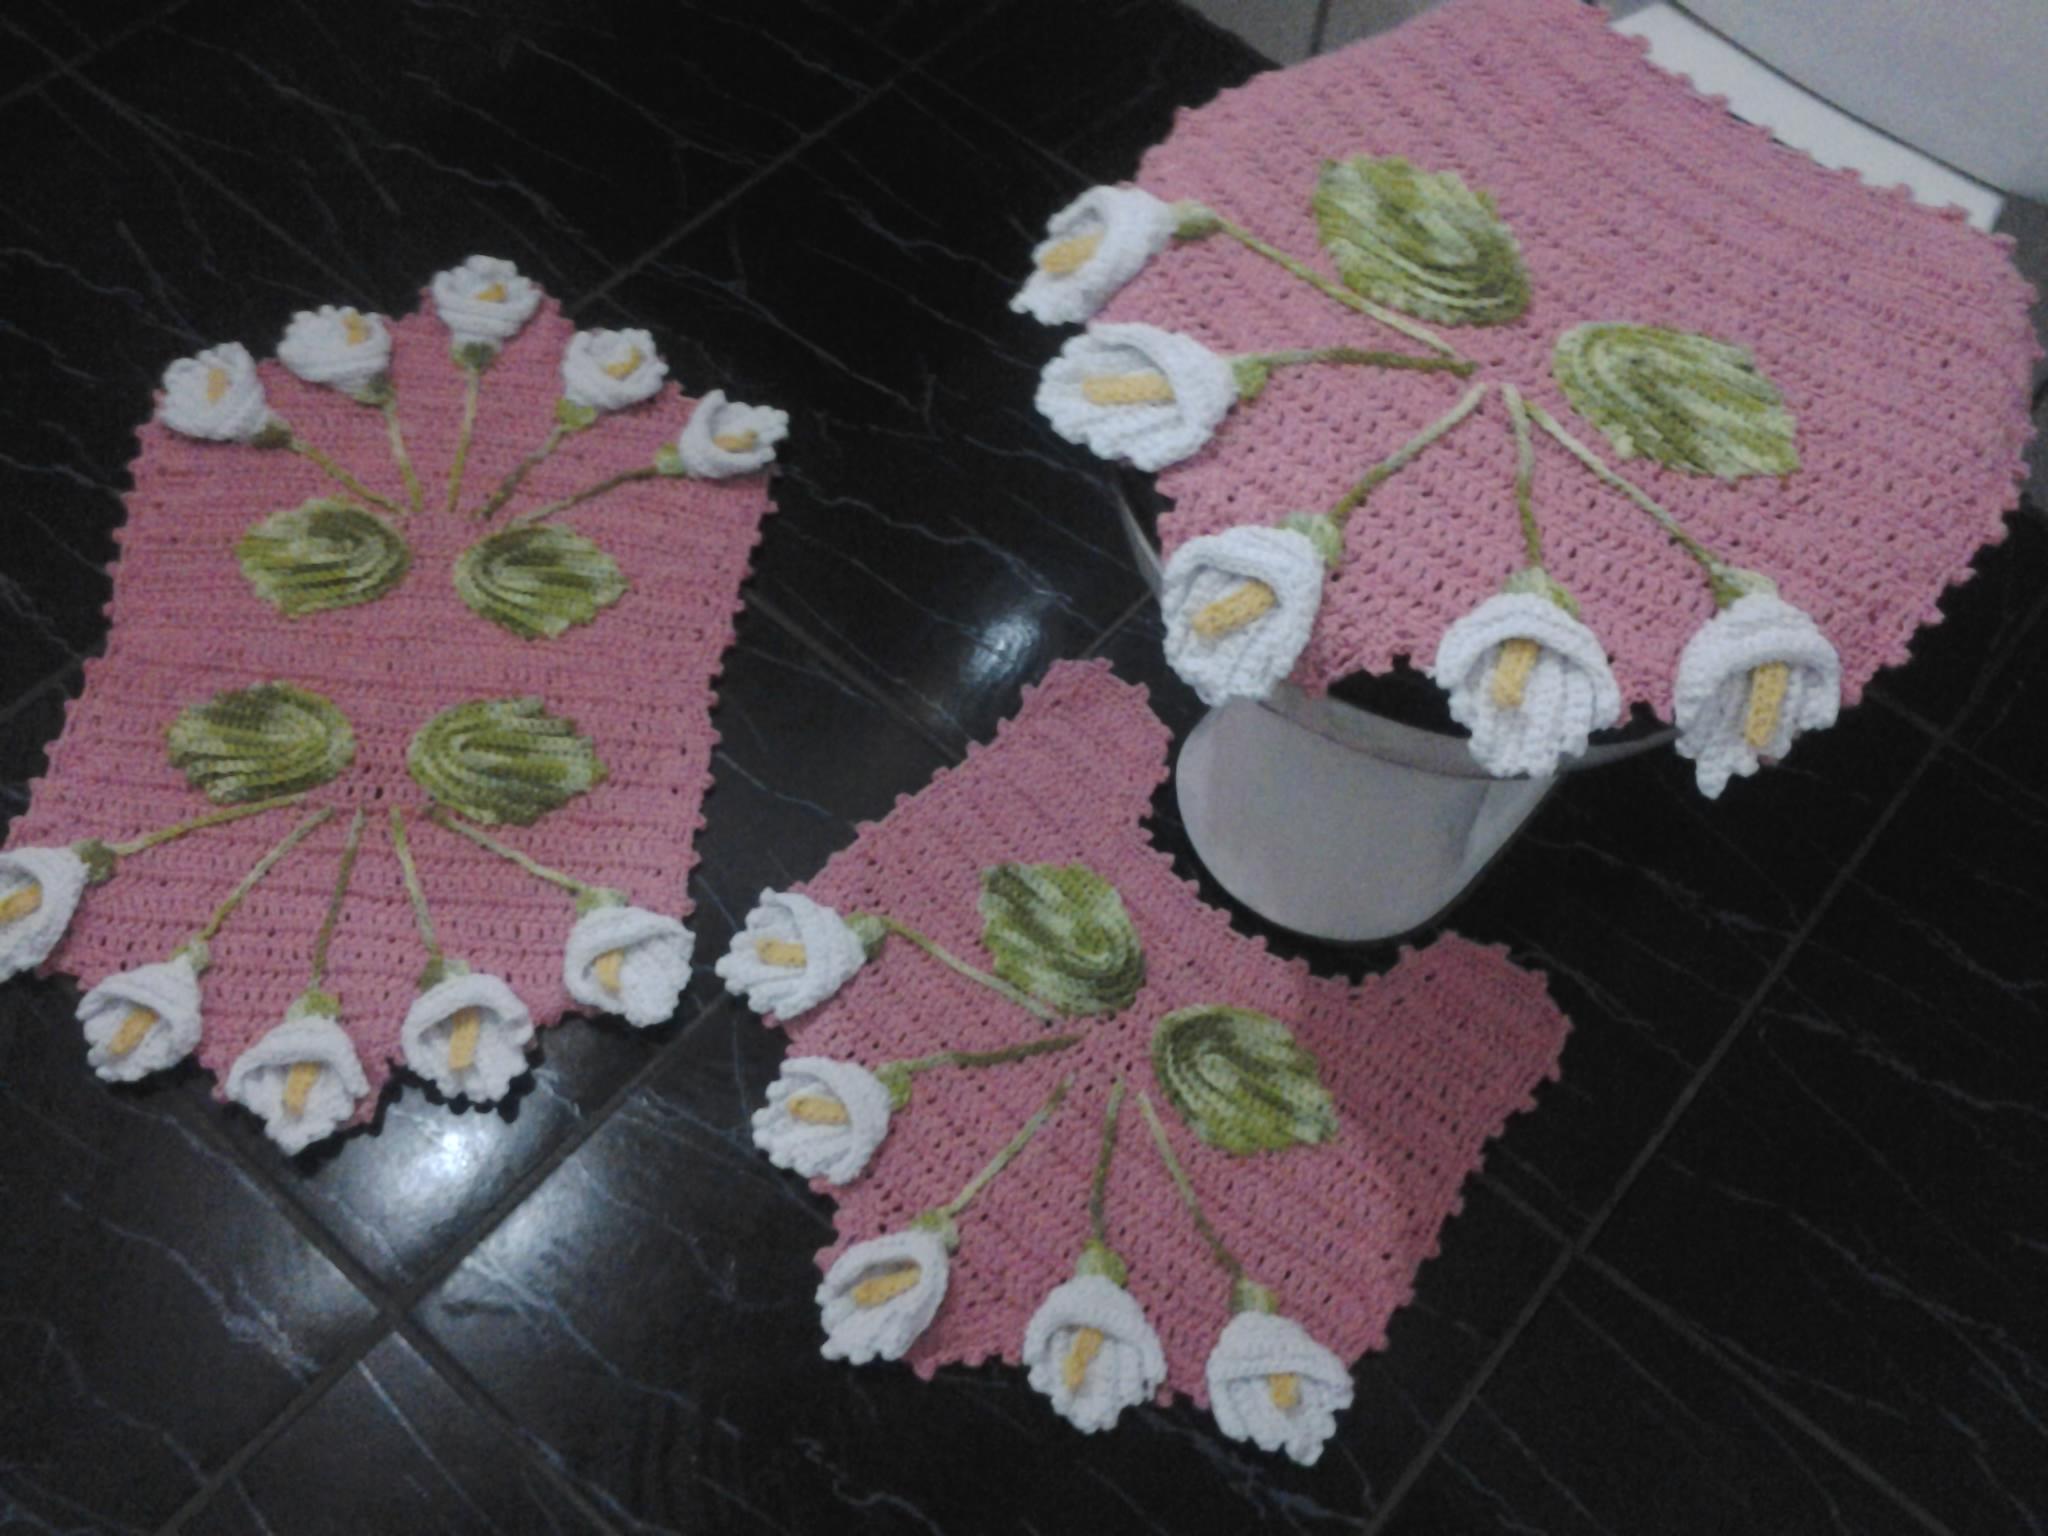 Jogo de banheiro  Hagatta Flor Artesanato  Elo7 # Jogo De Banheiro Simples Em Croche Passo A Passo